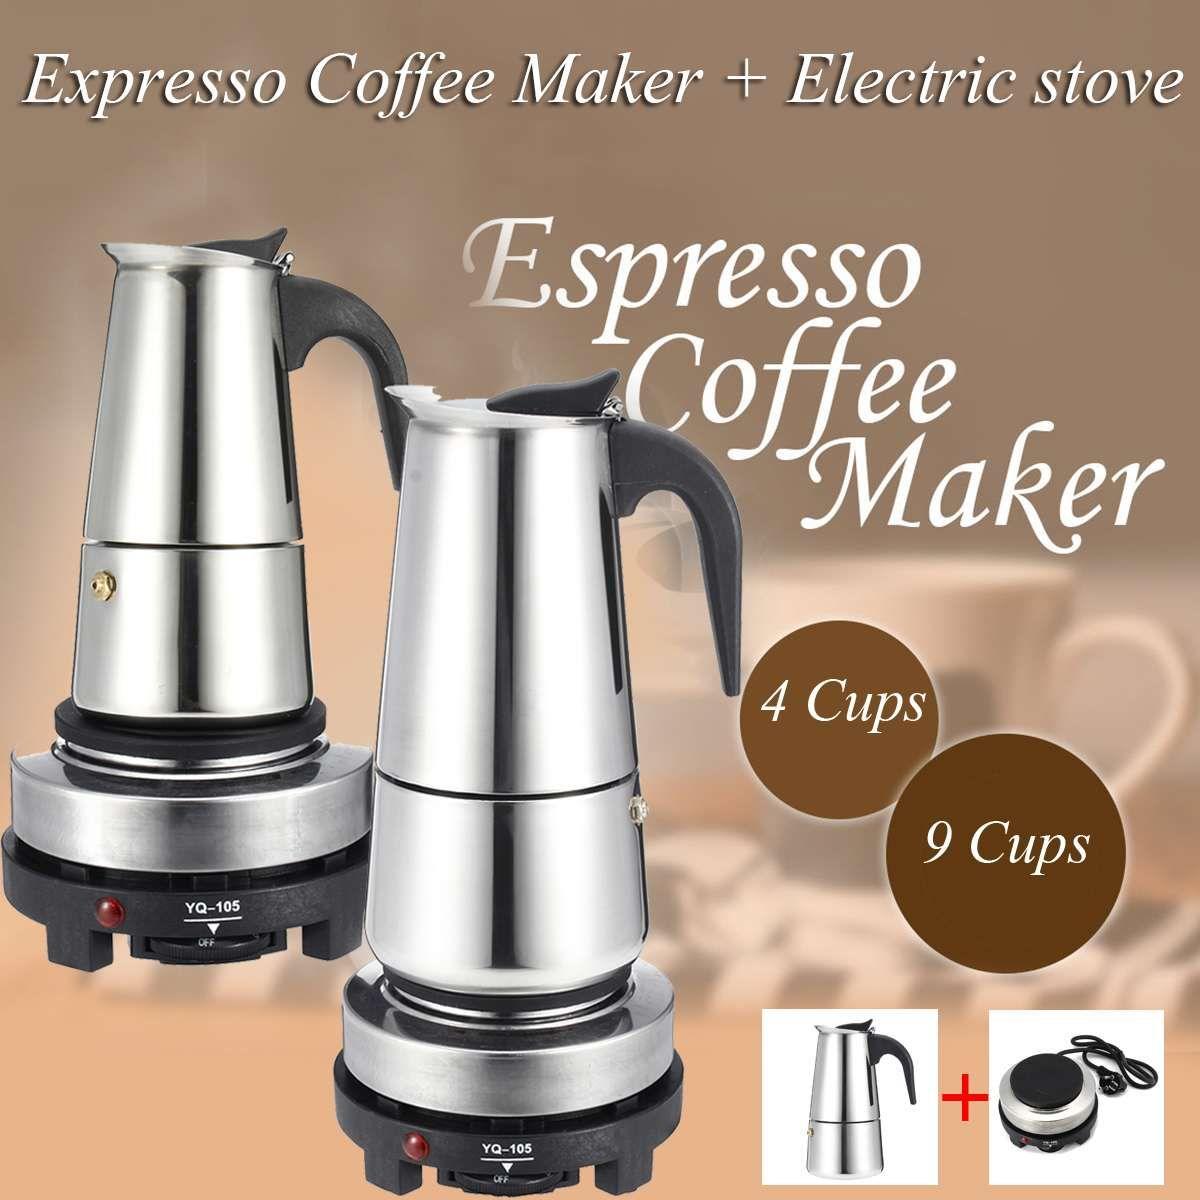 200 / 450ml portátil fabricante de café express de Moka Crisol del acero inoxidable con horno eléctrico filtro percolador de café Brewer Hervidor Pot